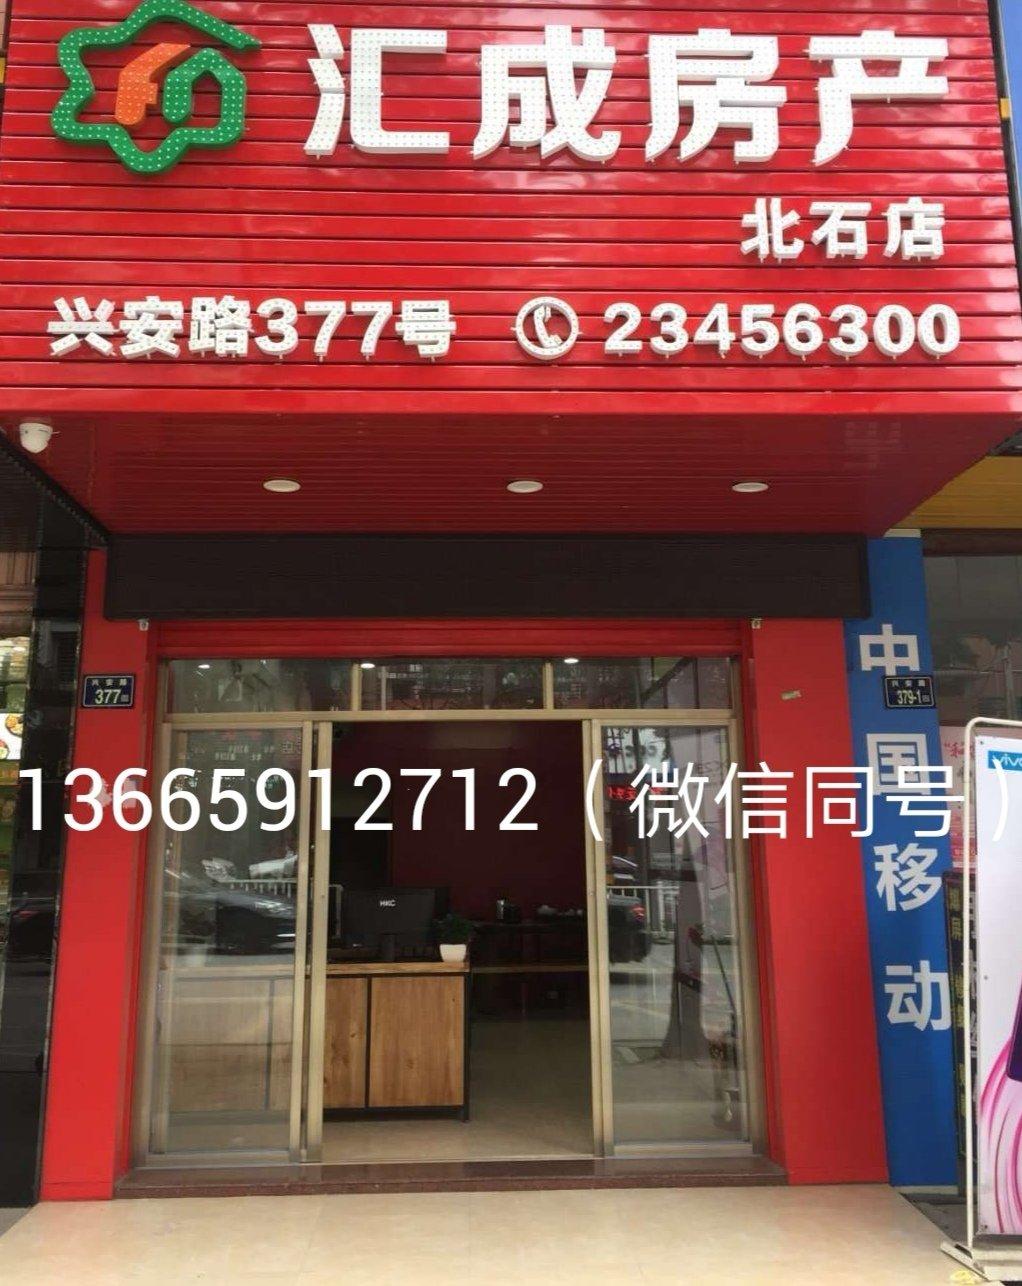 城内二房凤山学府51平方售68万